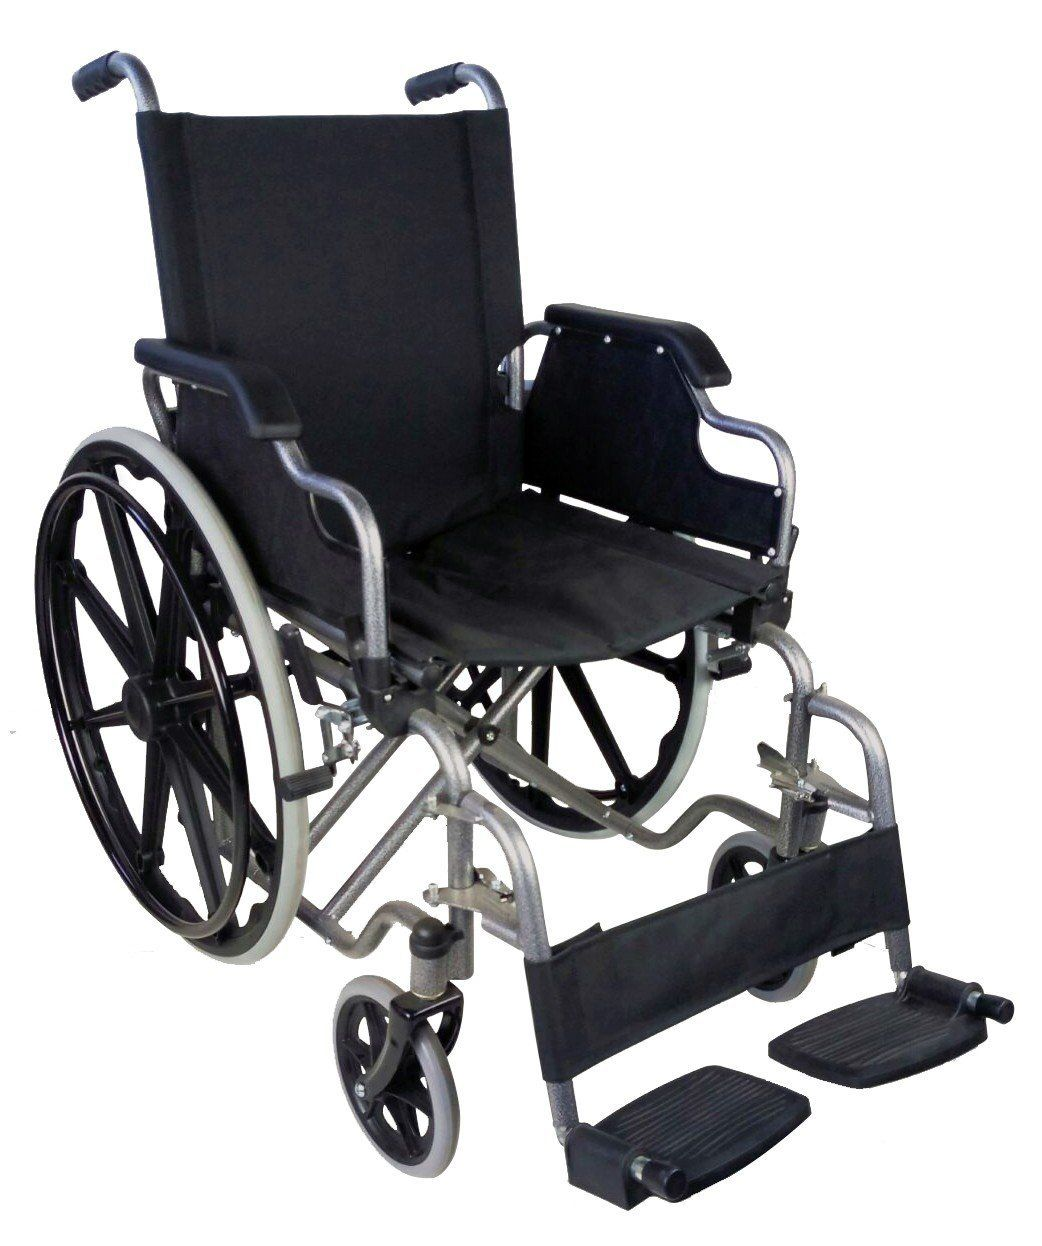 Silla de ruedas plegable y autopropulsable fisioterapia lesiones tratamientos cursos - Ruedas de sillas ...